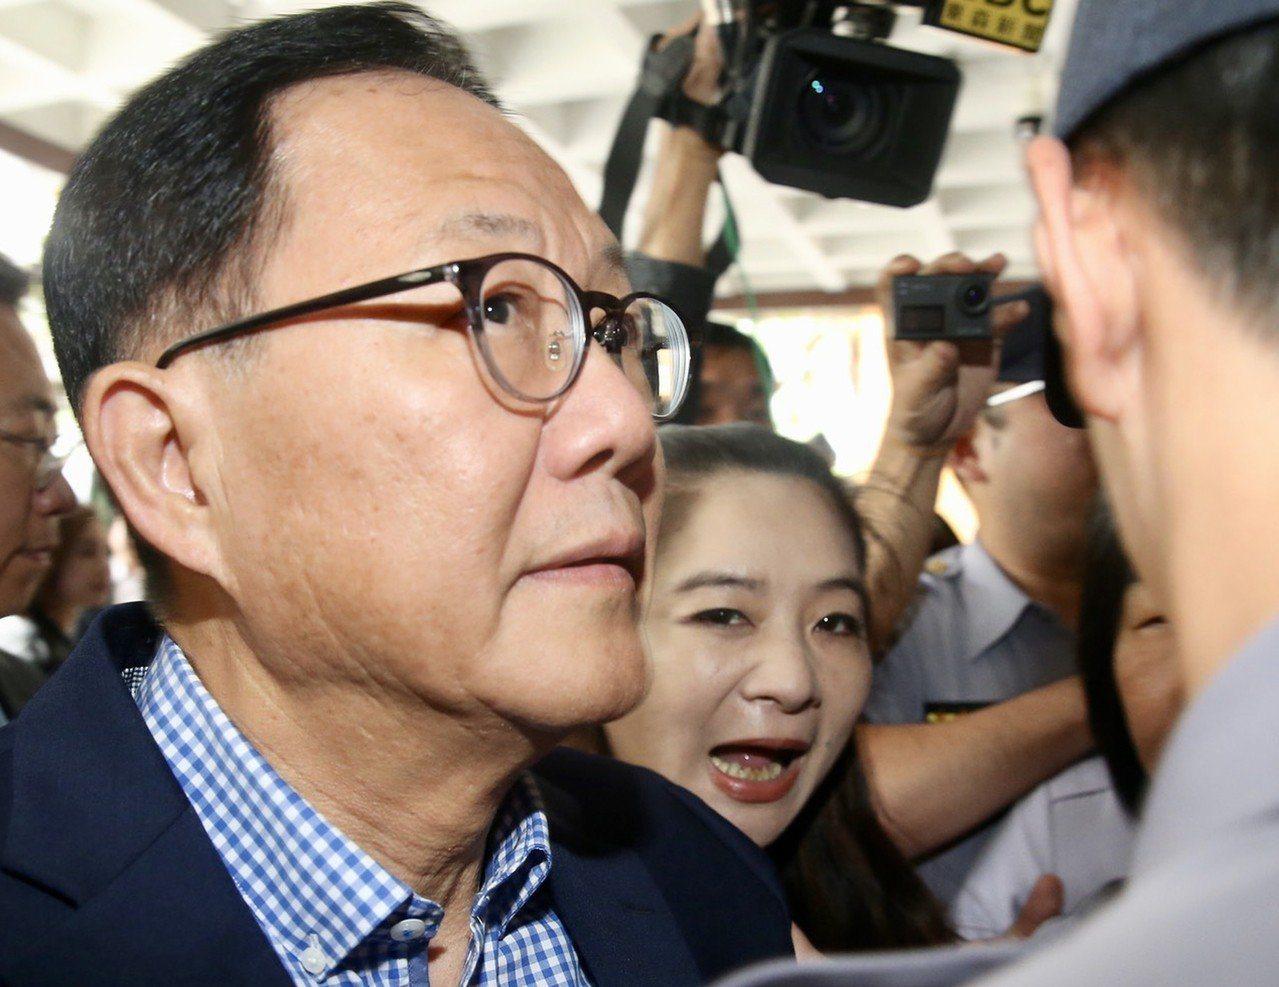 丁守中提起選舉無效訴訟,台北地院今天判其敗訴。 記者林伯東/攝影